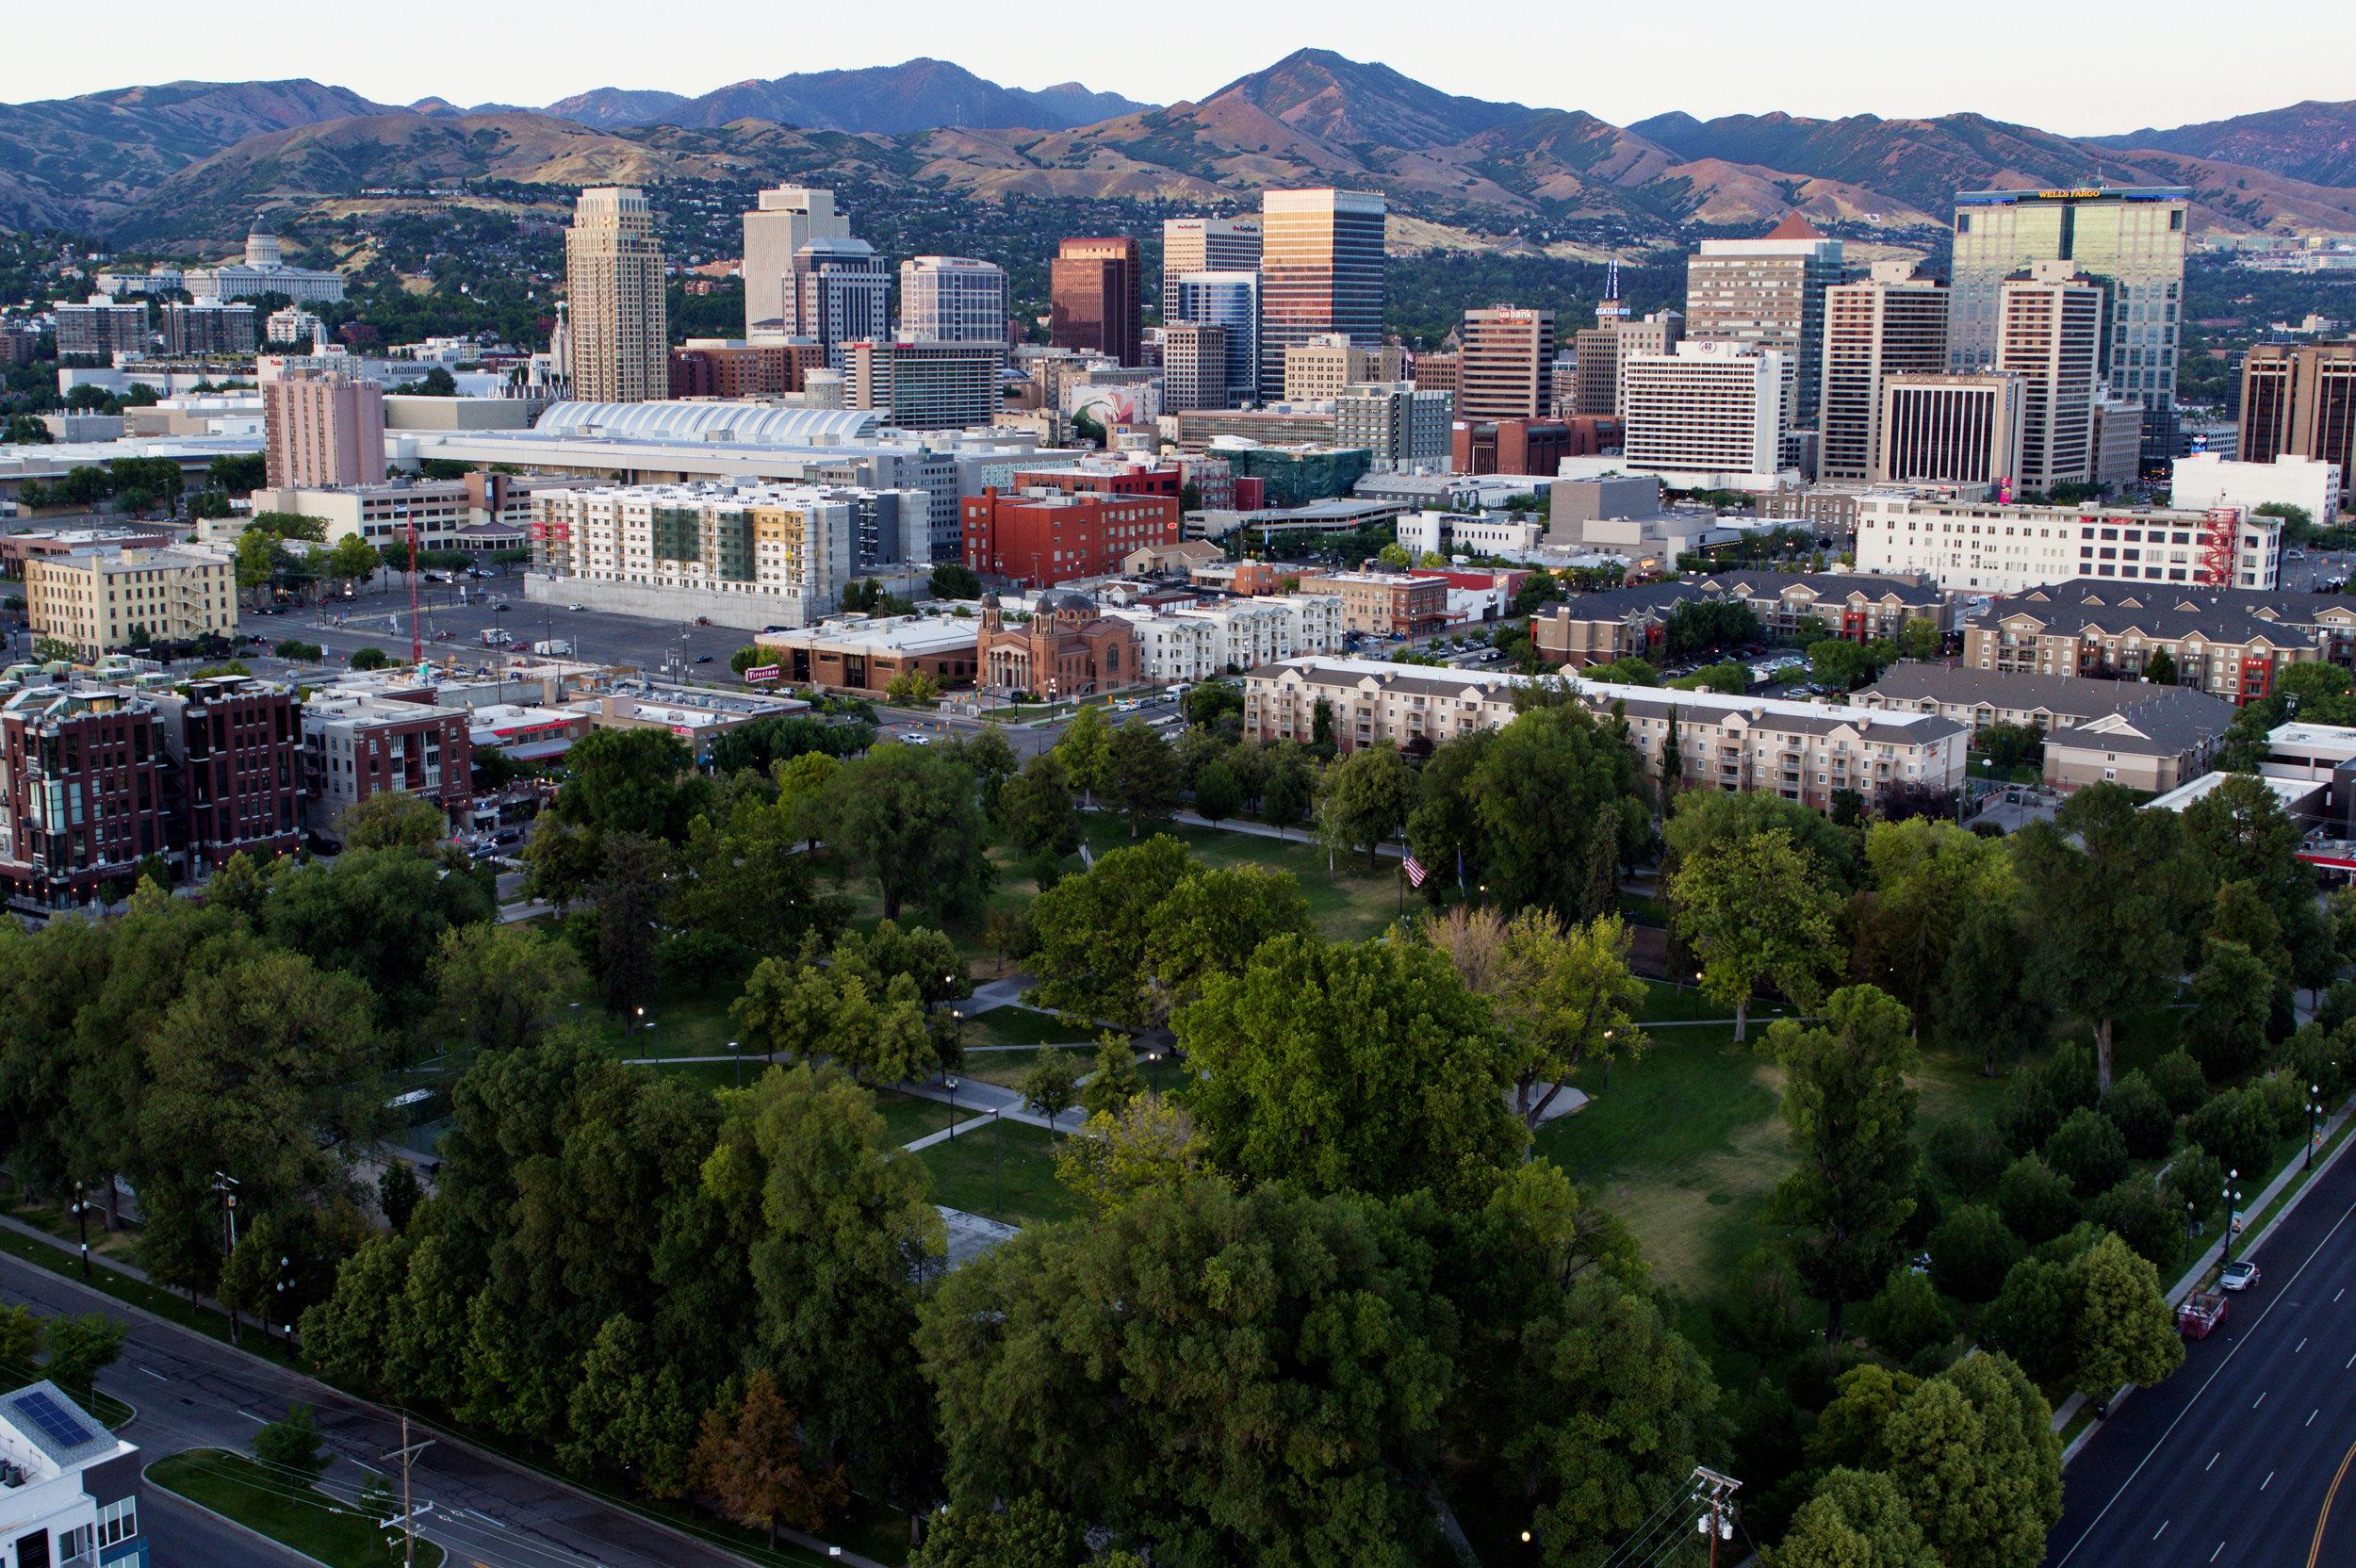 Photo taken by resident of the Pioneer Park neighborhood in SLC, Utah Dane Christensen